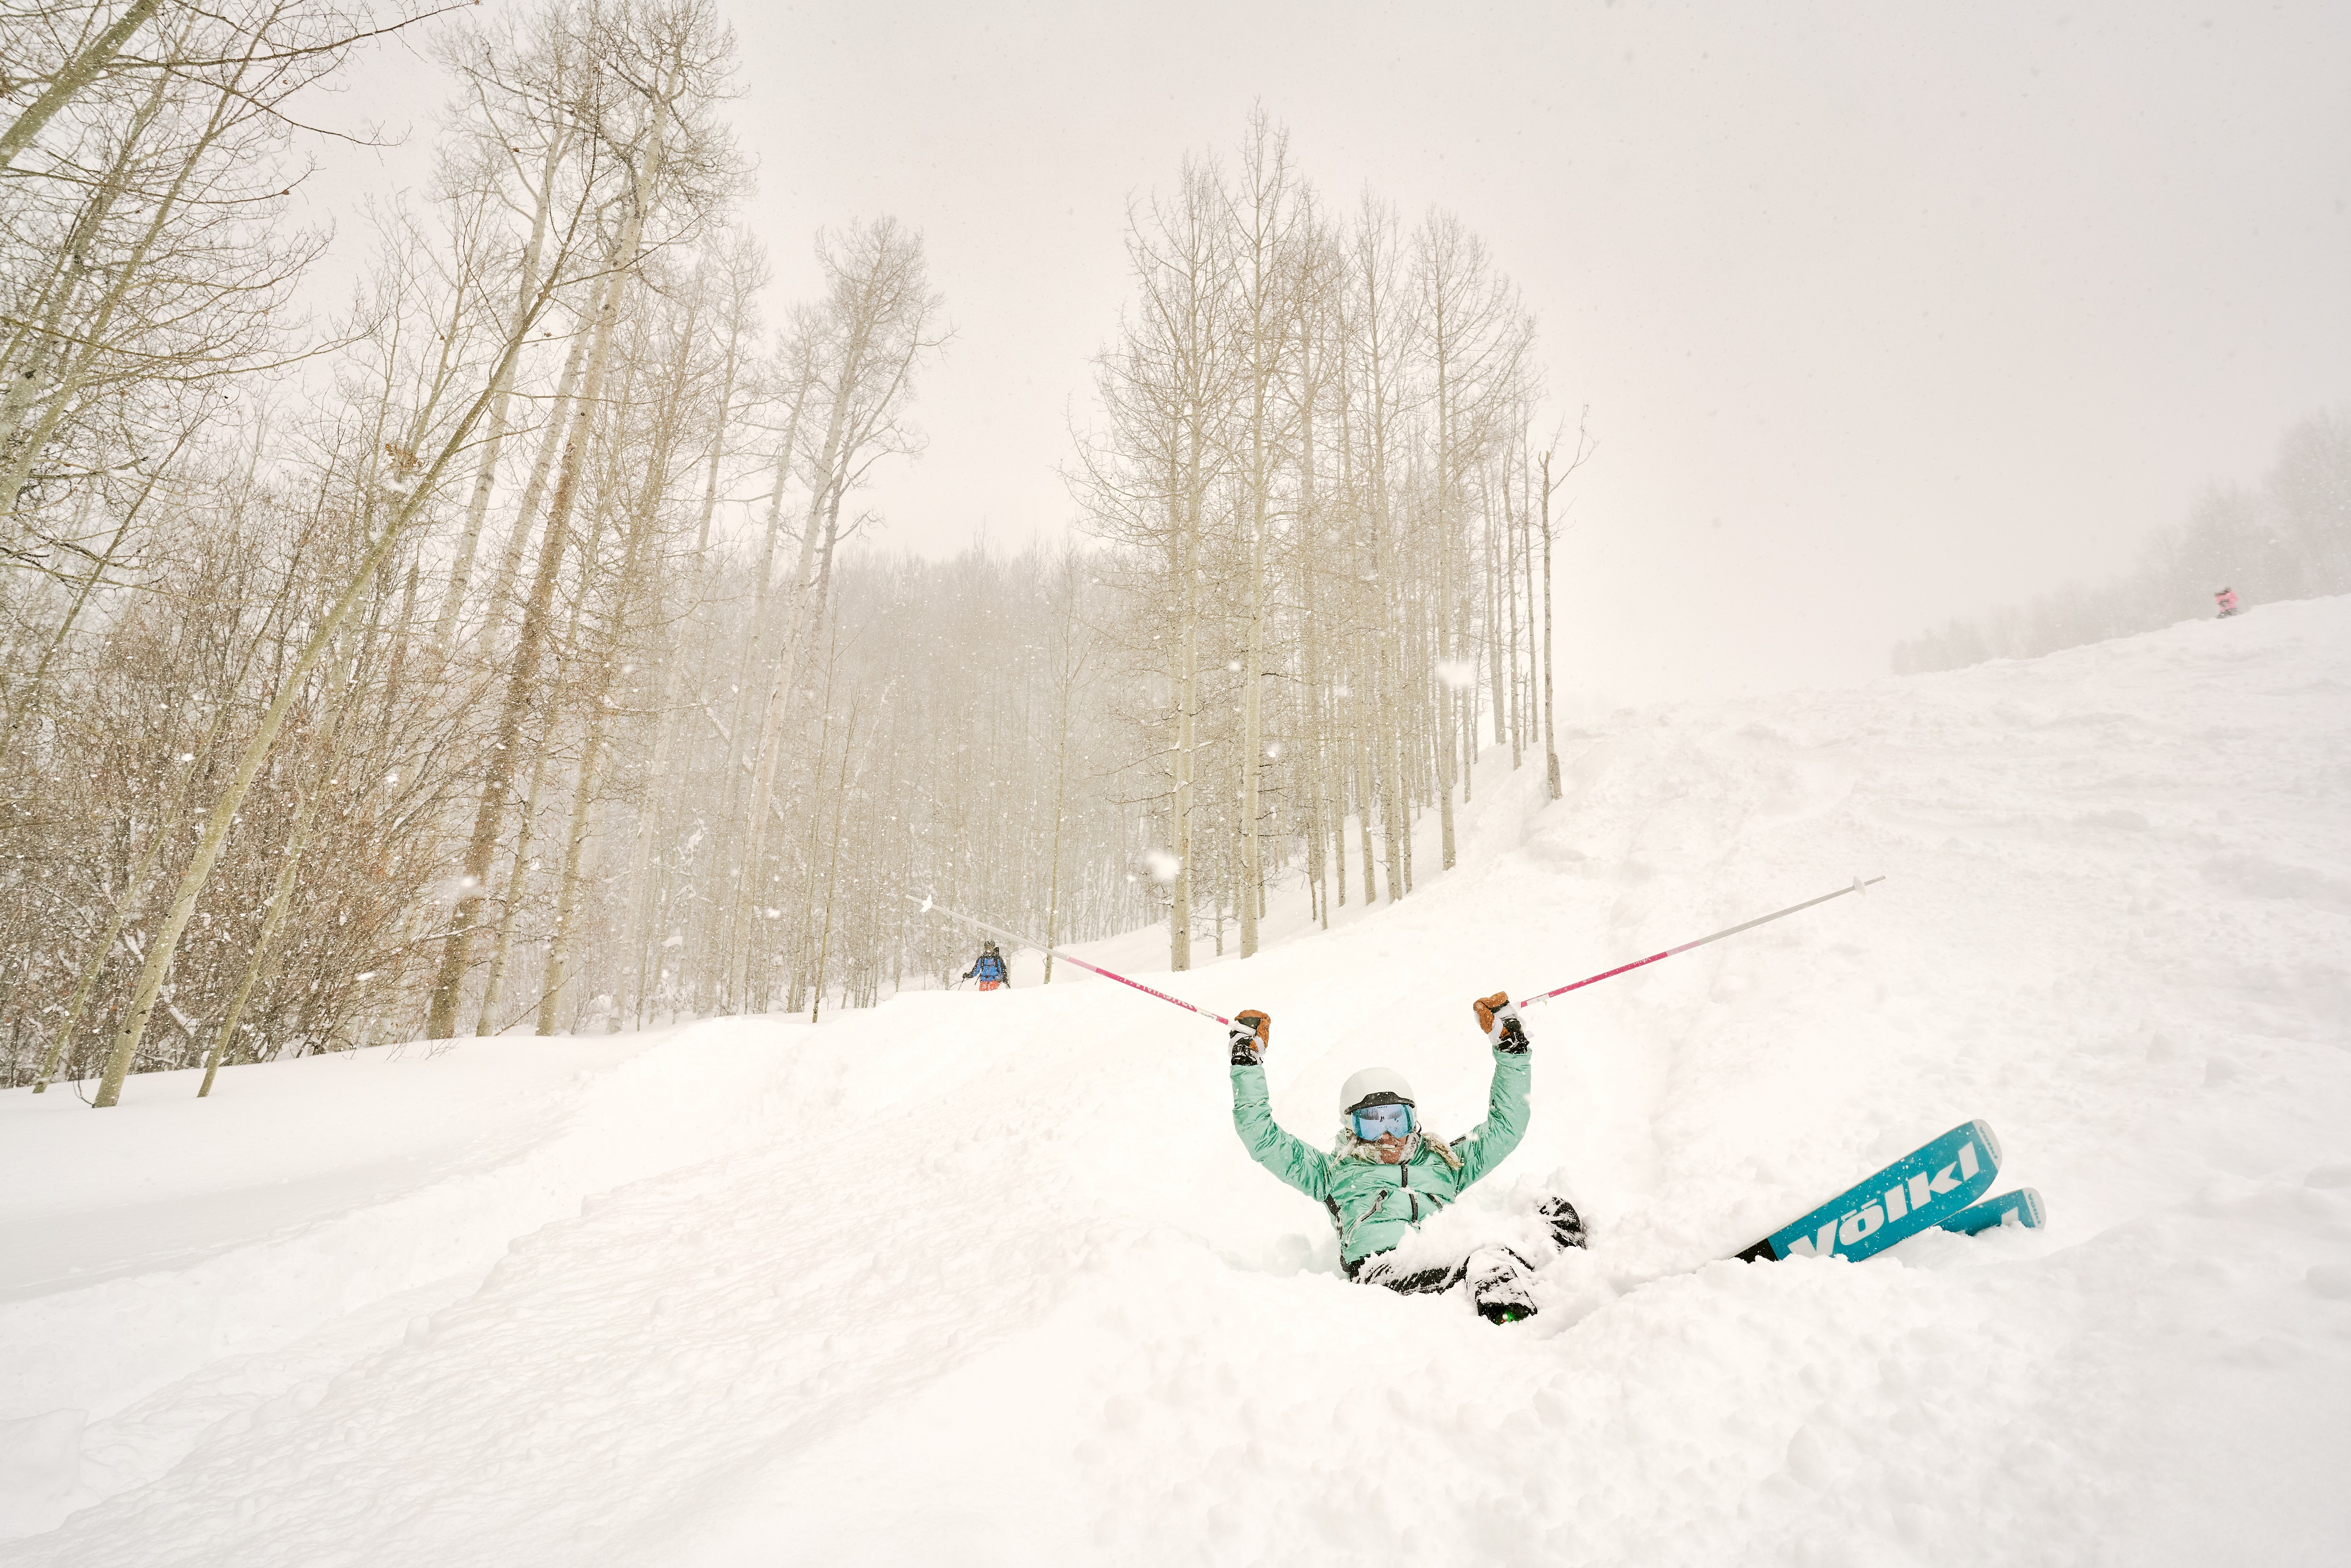 Skier falls on a powder day